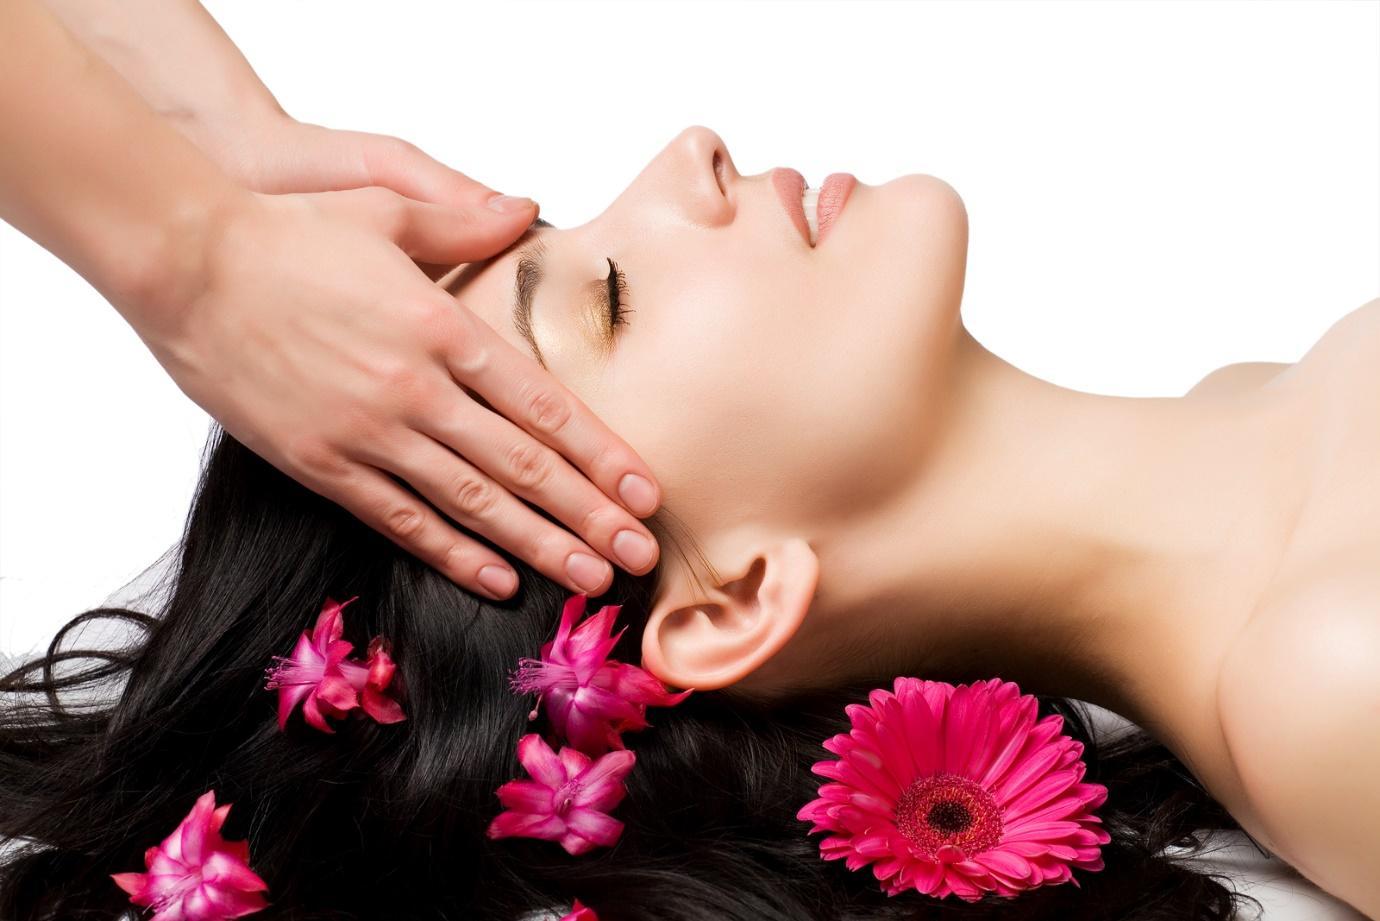 Cách mát xa đầu khi bị đau đầu giúp bạn ngủ ngon hơn